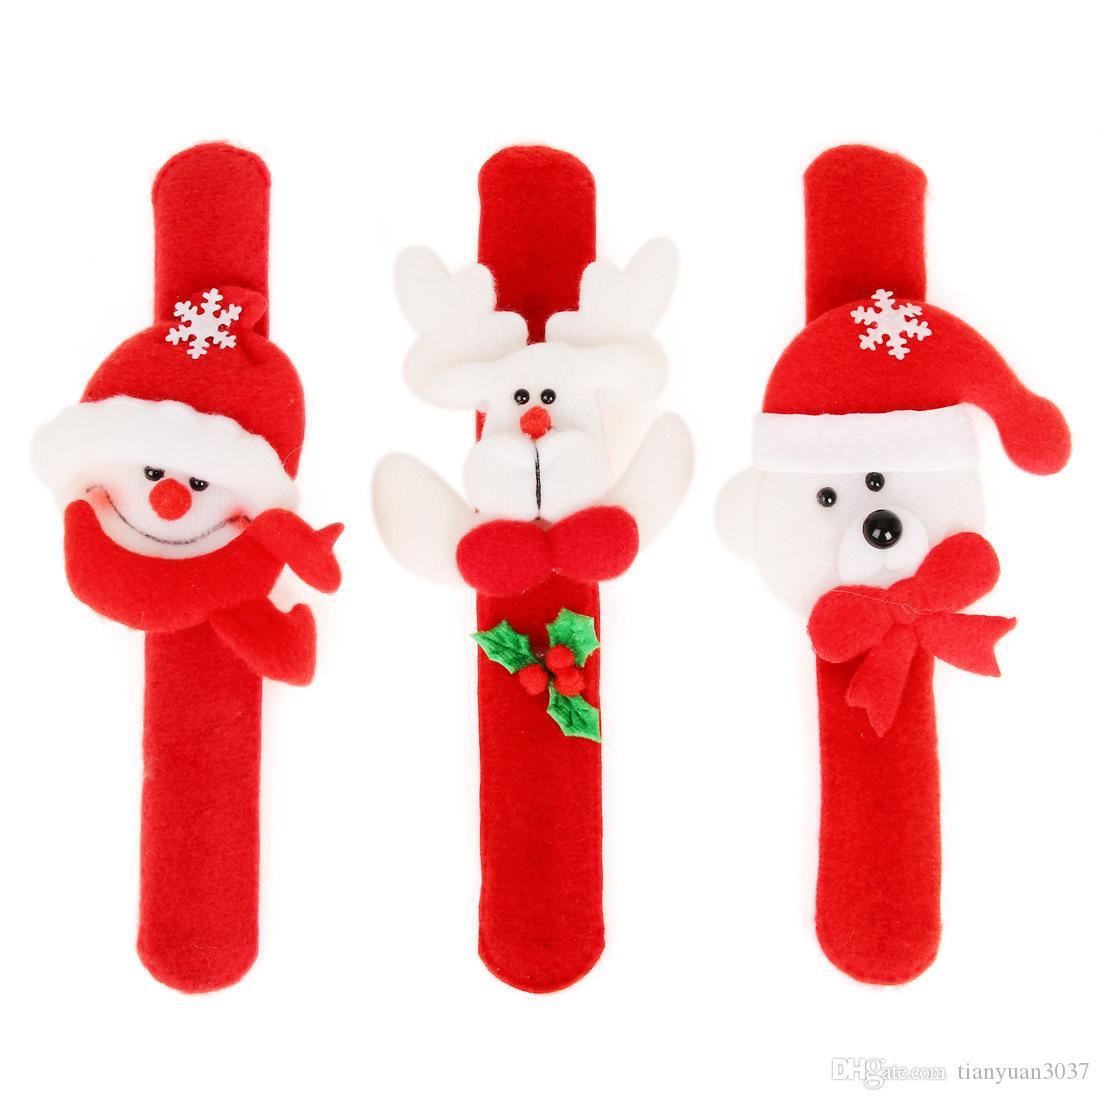 Рождественские украшения Рождество похлопывание круг Рождество дети подарок Санта-Клаус снеговик олень новогодняя вечеринка игрушки TY1650